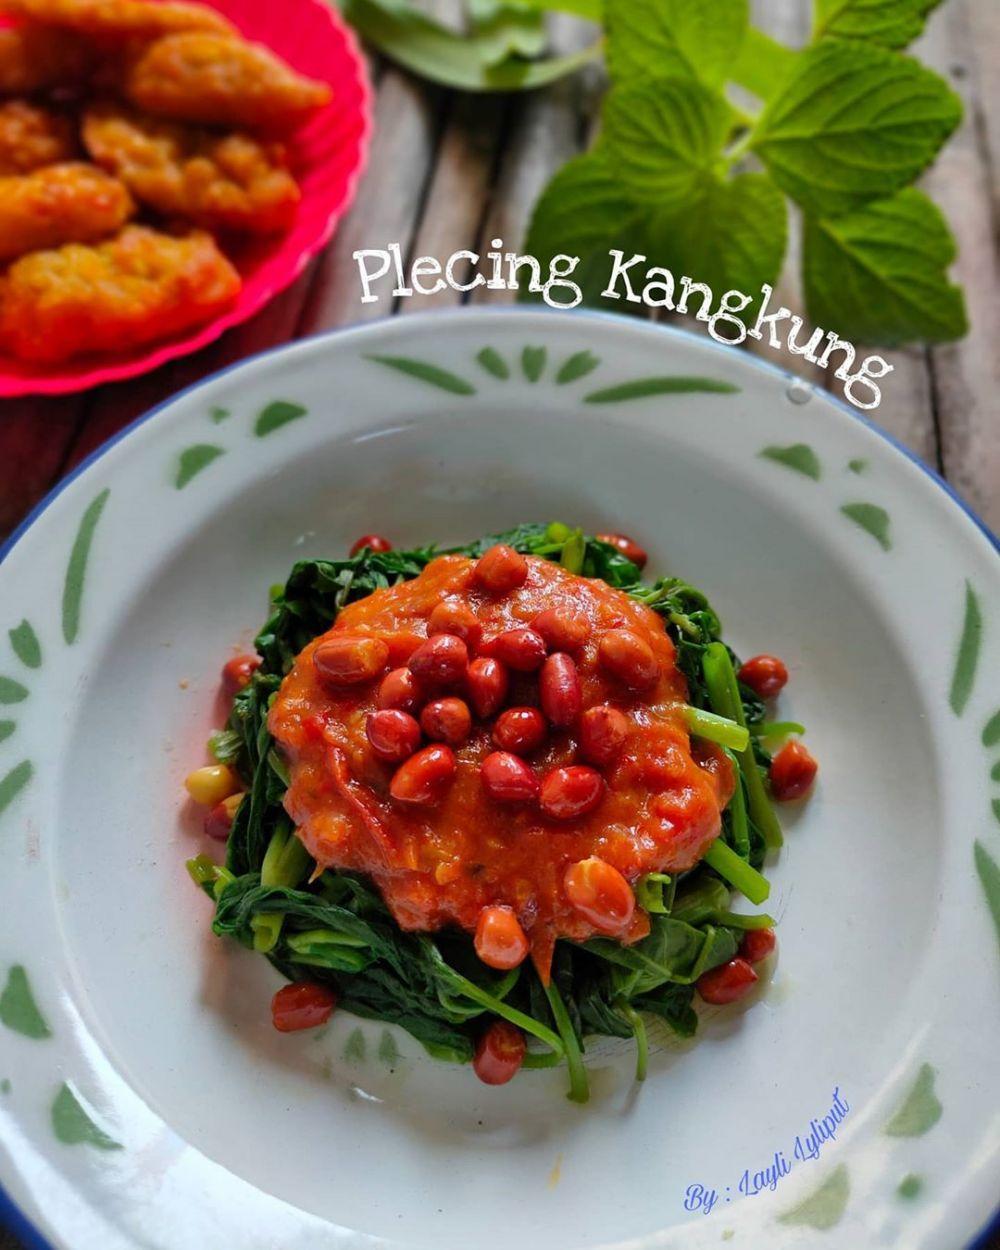 Masakan Malam Diet Instagram Makan Malam Variasi Makanan Diet